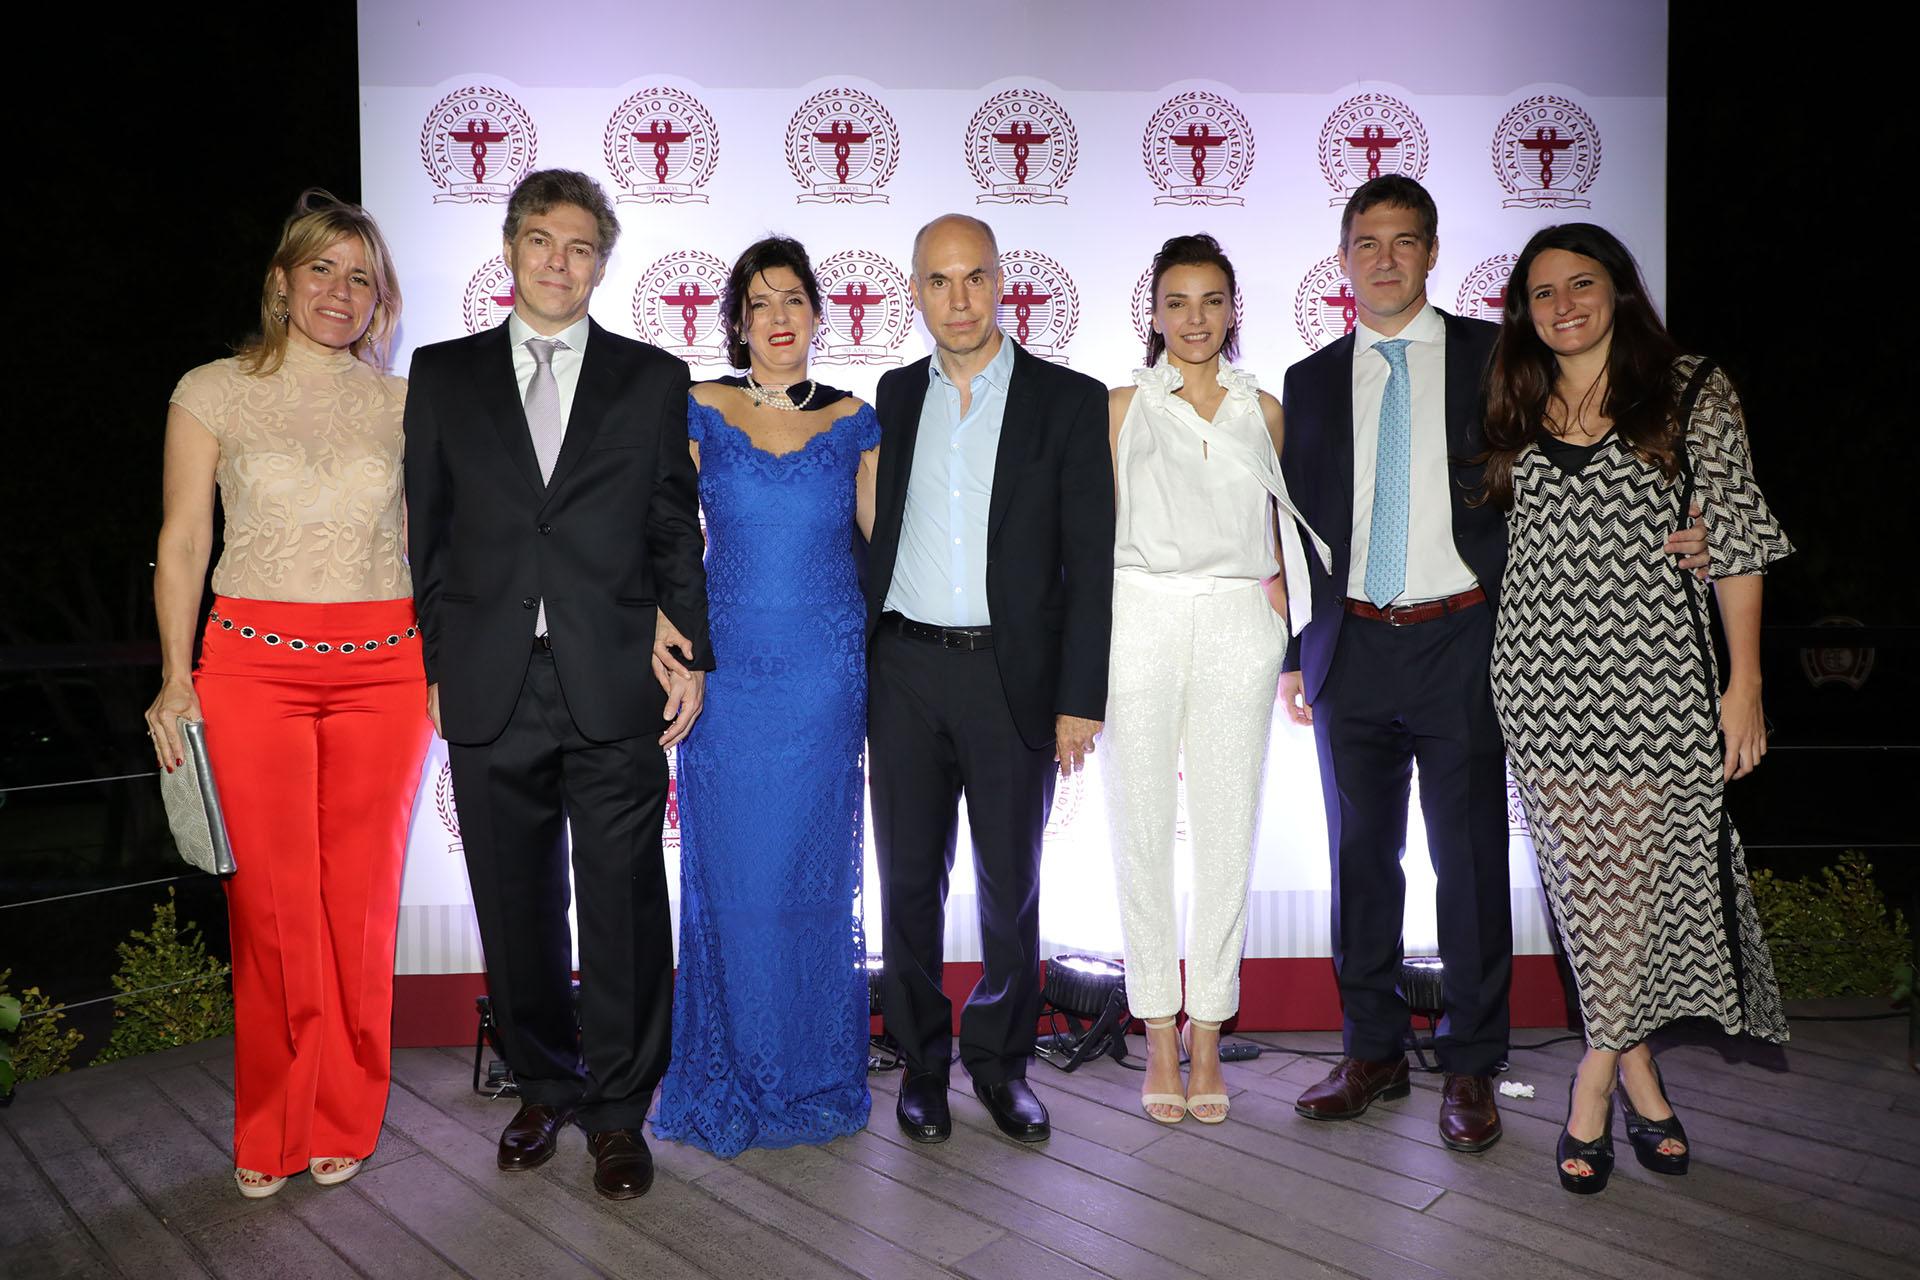 El Dr José De All y su mujer Verónica; la Dra Guadalupe De All; Horacio Rodríguez Larreta y su mujer Bárbara Diez; el Dr Jorge De All y su mujer Catalina